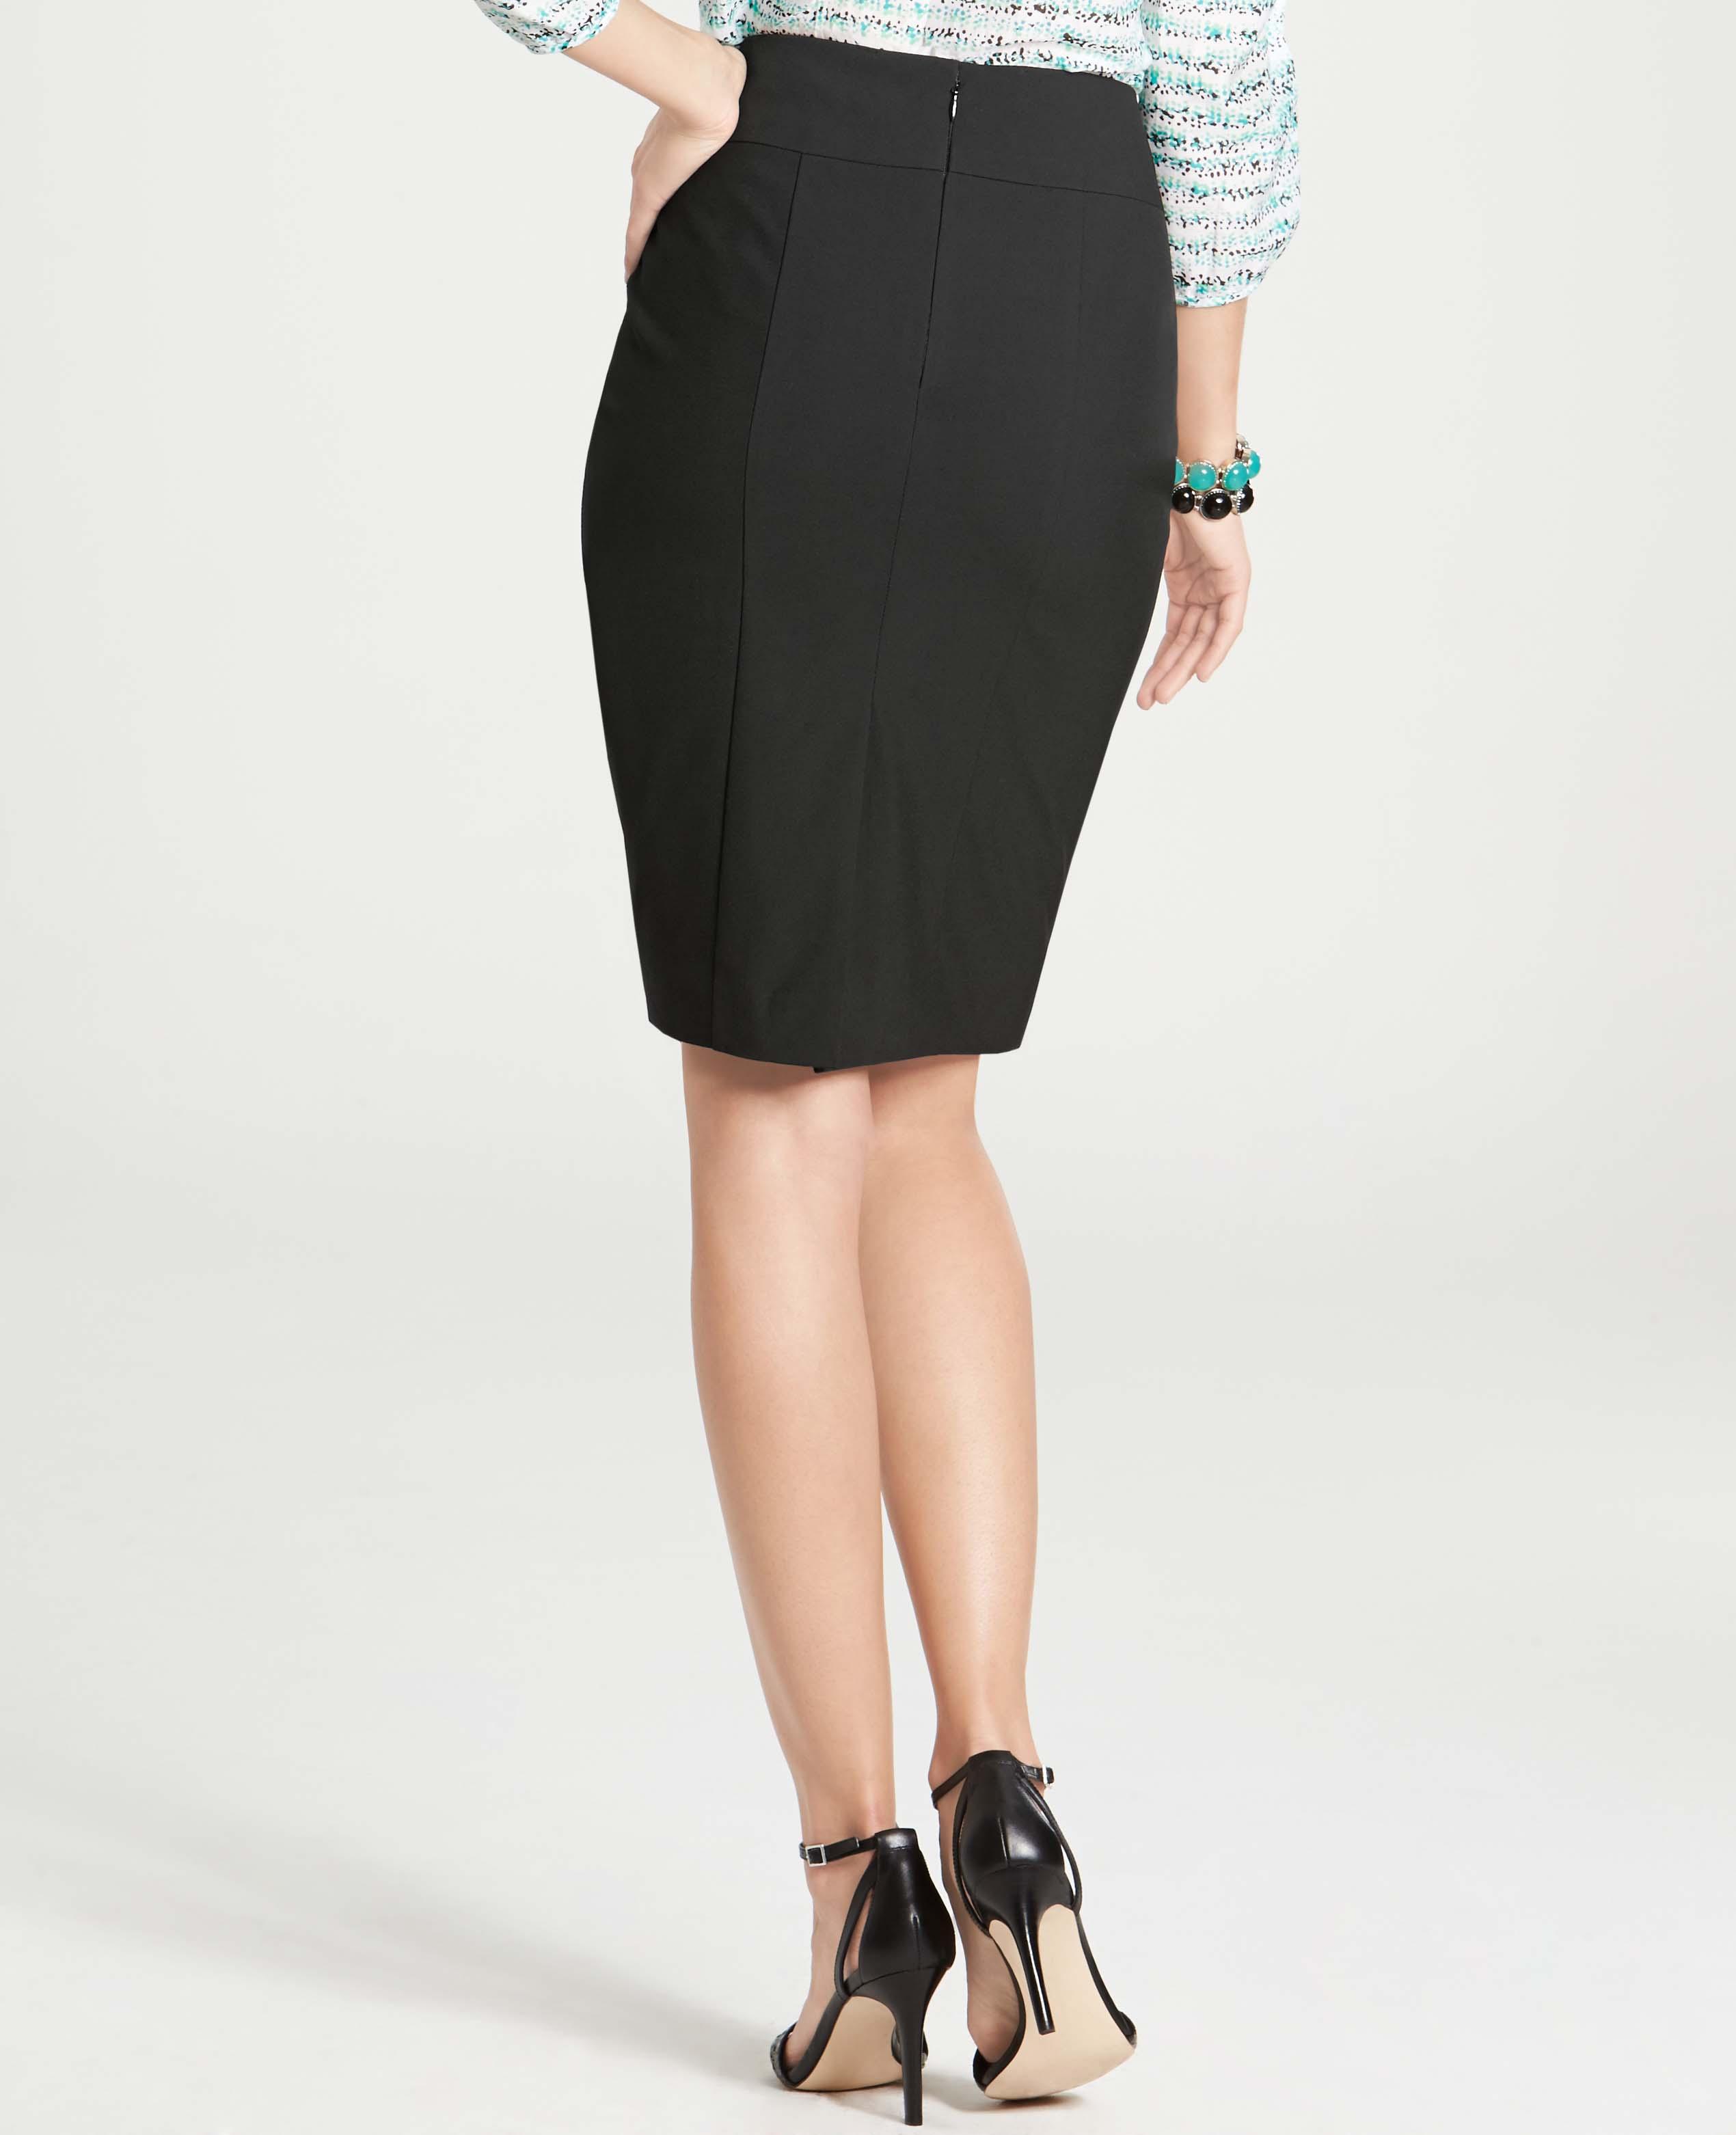 e2c08aba1875 Ann Taylor All-Season Stretch Seamed High Waist Pencil Skirt in ...